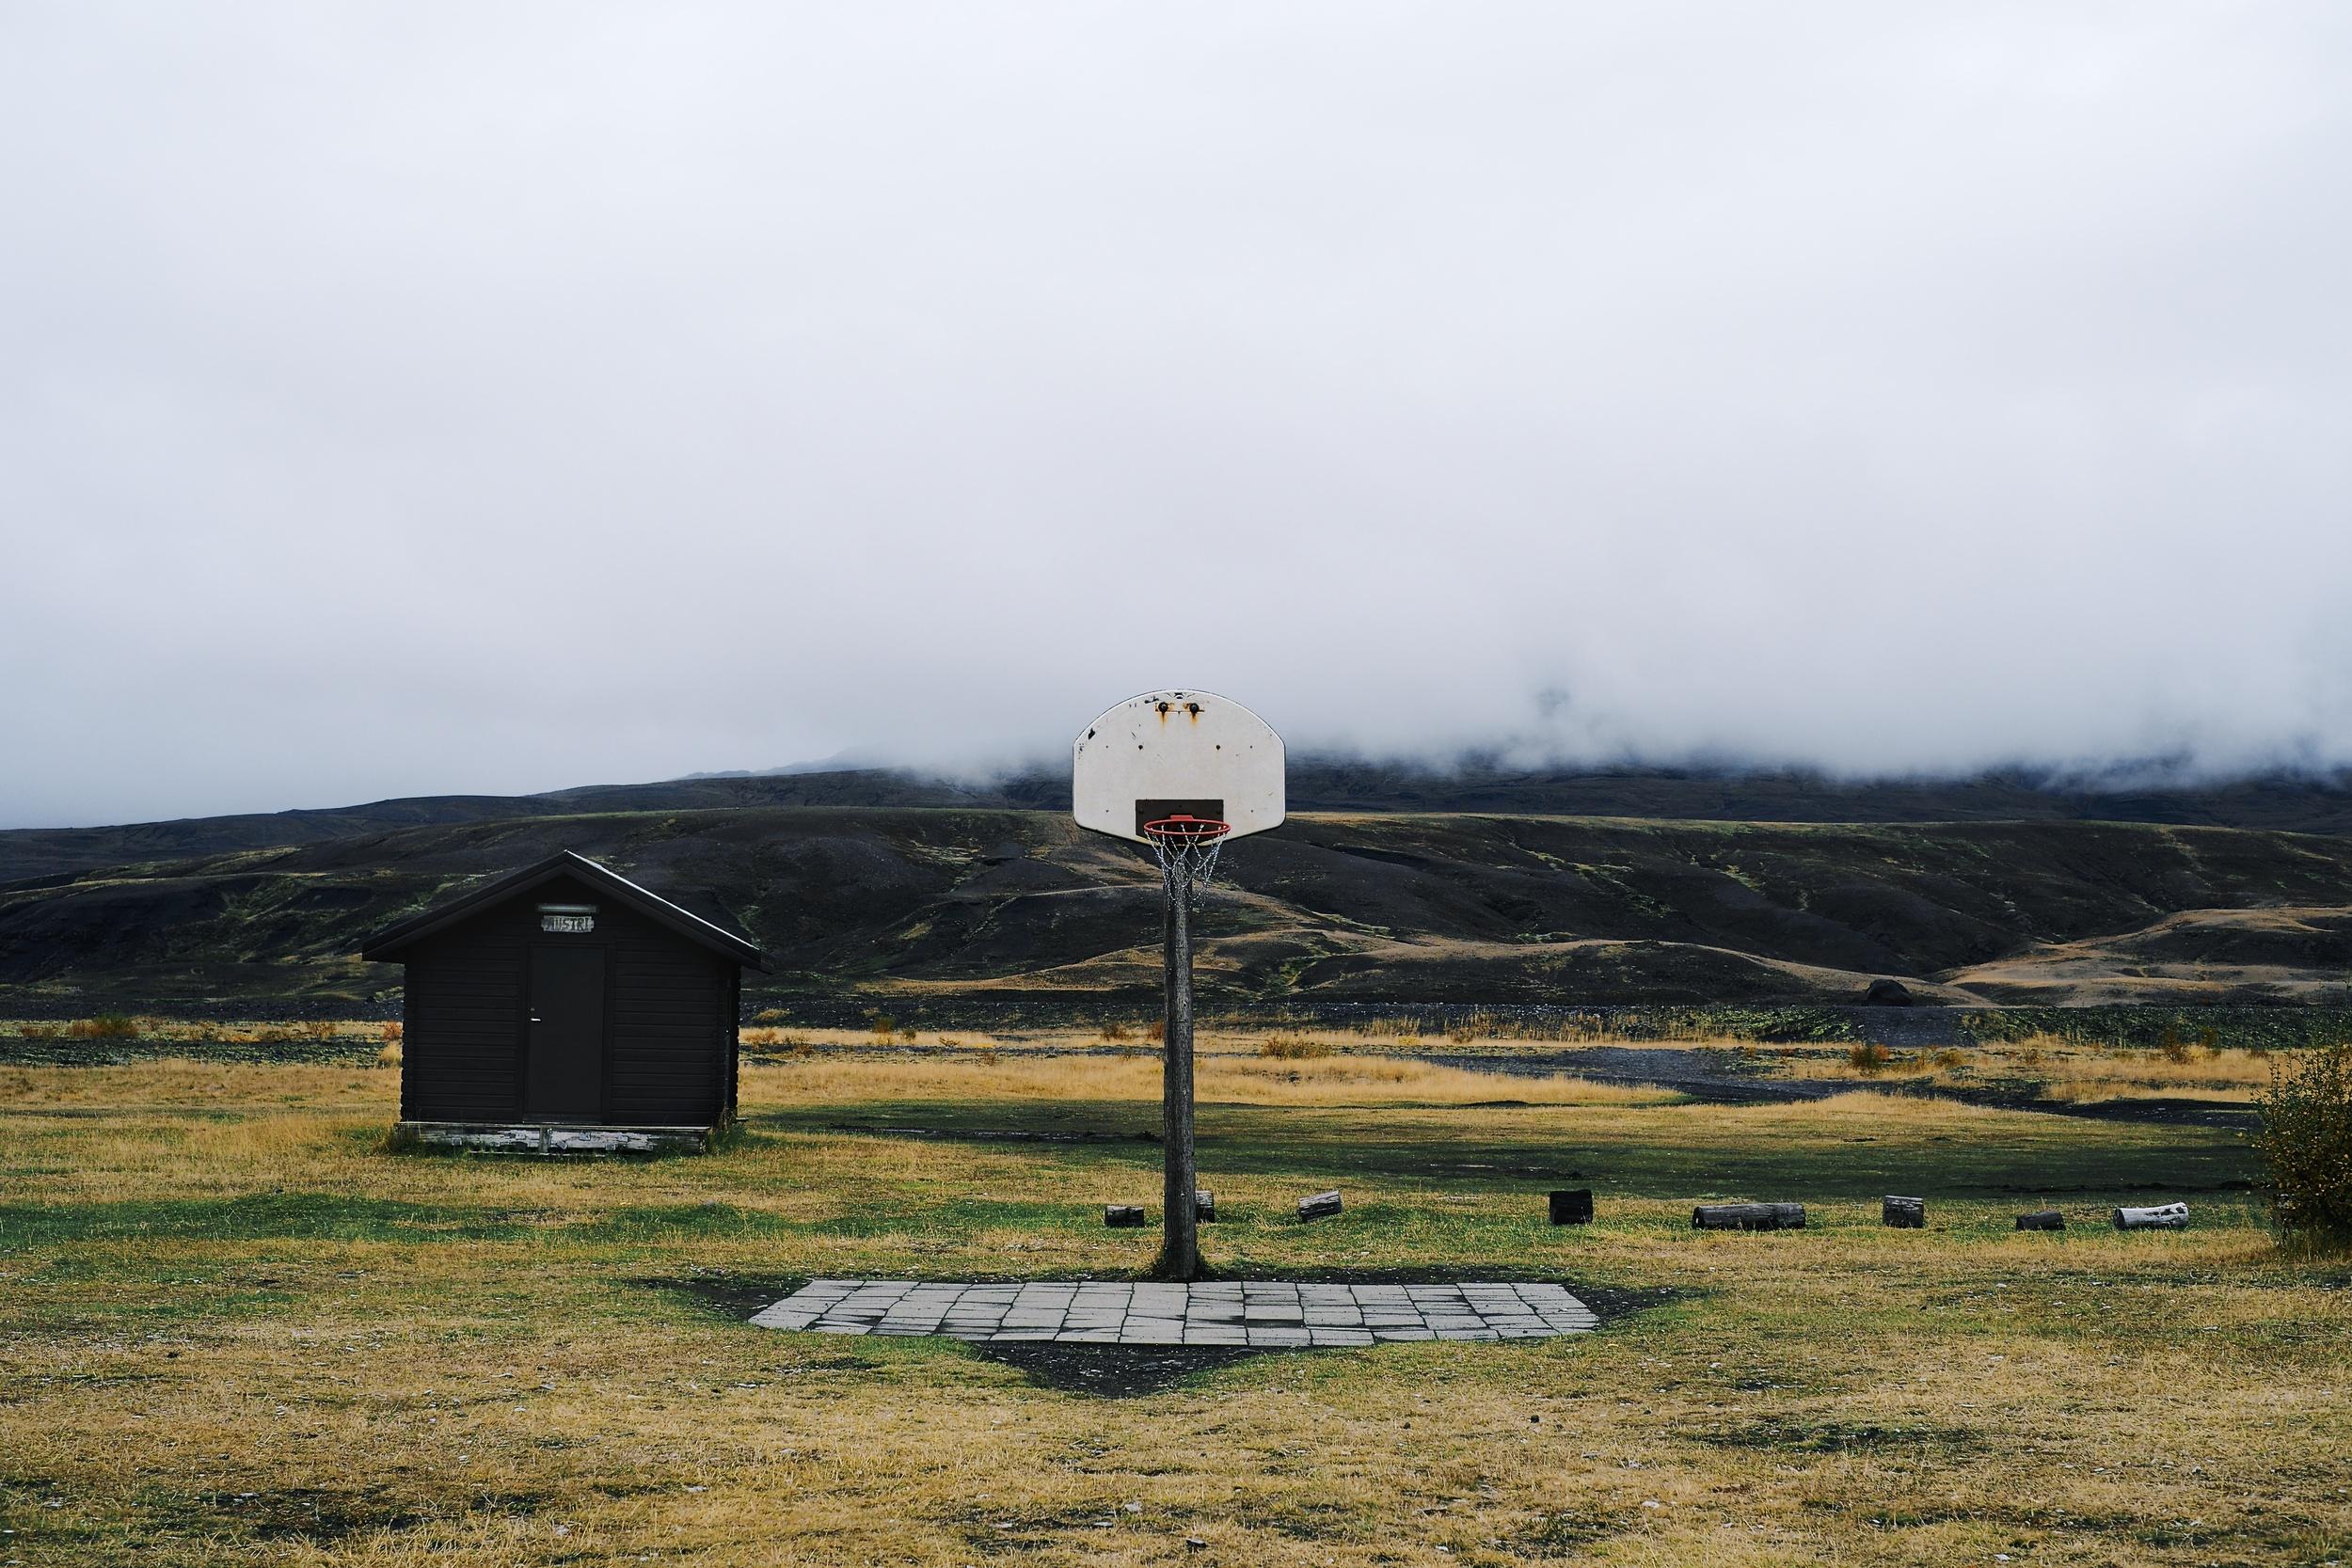 þórsmörk camp grounds, where they had delicious mushroom soup.